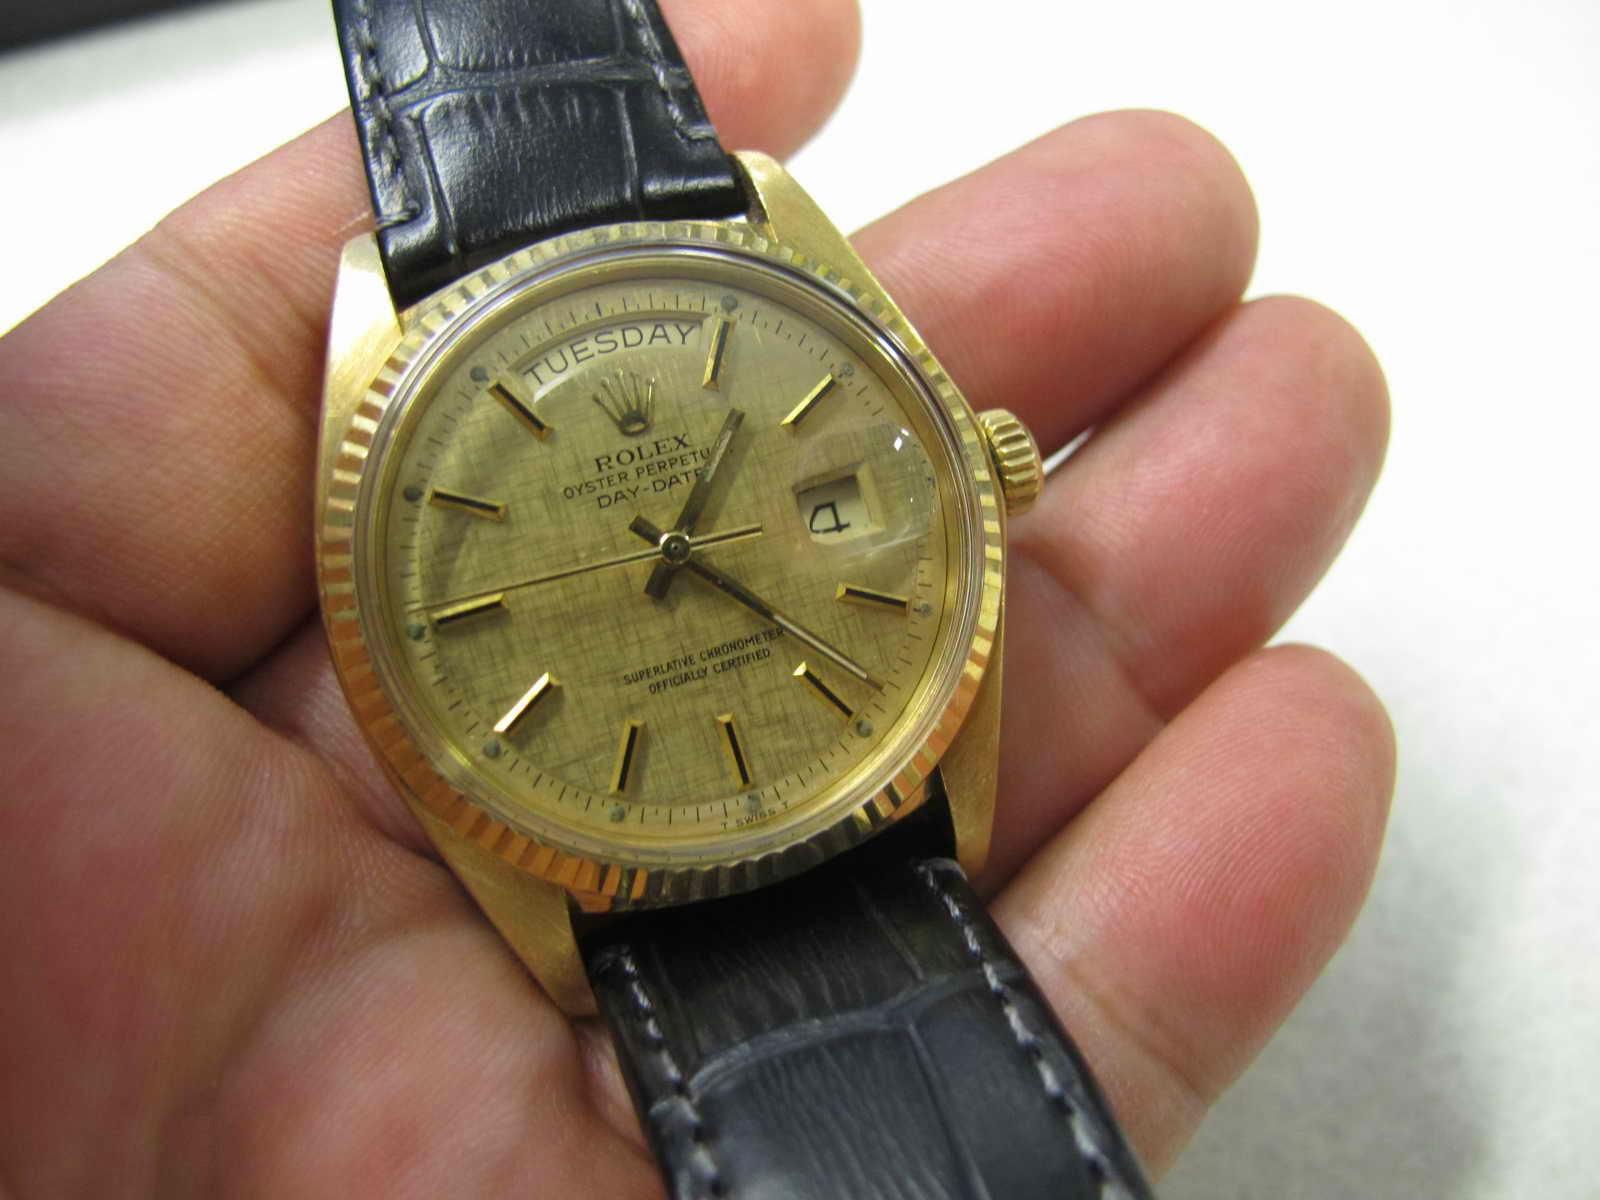 Tebal case 13 mm dan lebar lug 19 20 mm Kondisi ROLEX 1803 President ini SUPERB Cocok untuk Anda yang sedang mencari jam tangan ALL GOLD